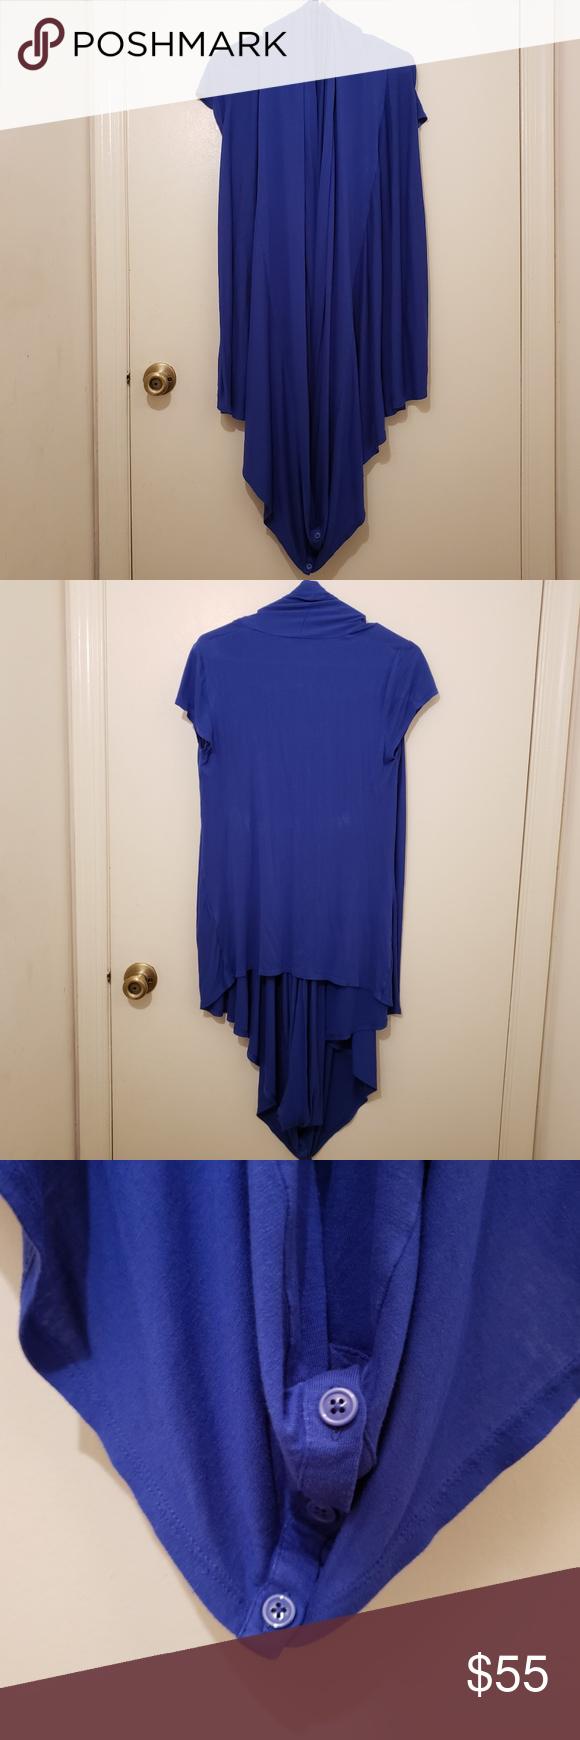 3a0b5f209 Alice + Olivia Jersey Knit Infinity Scarf Wrap Top Alice + Olivia Jersey  Knit Infinity Scarf